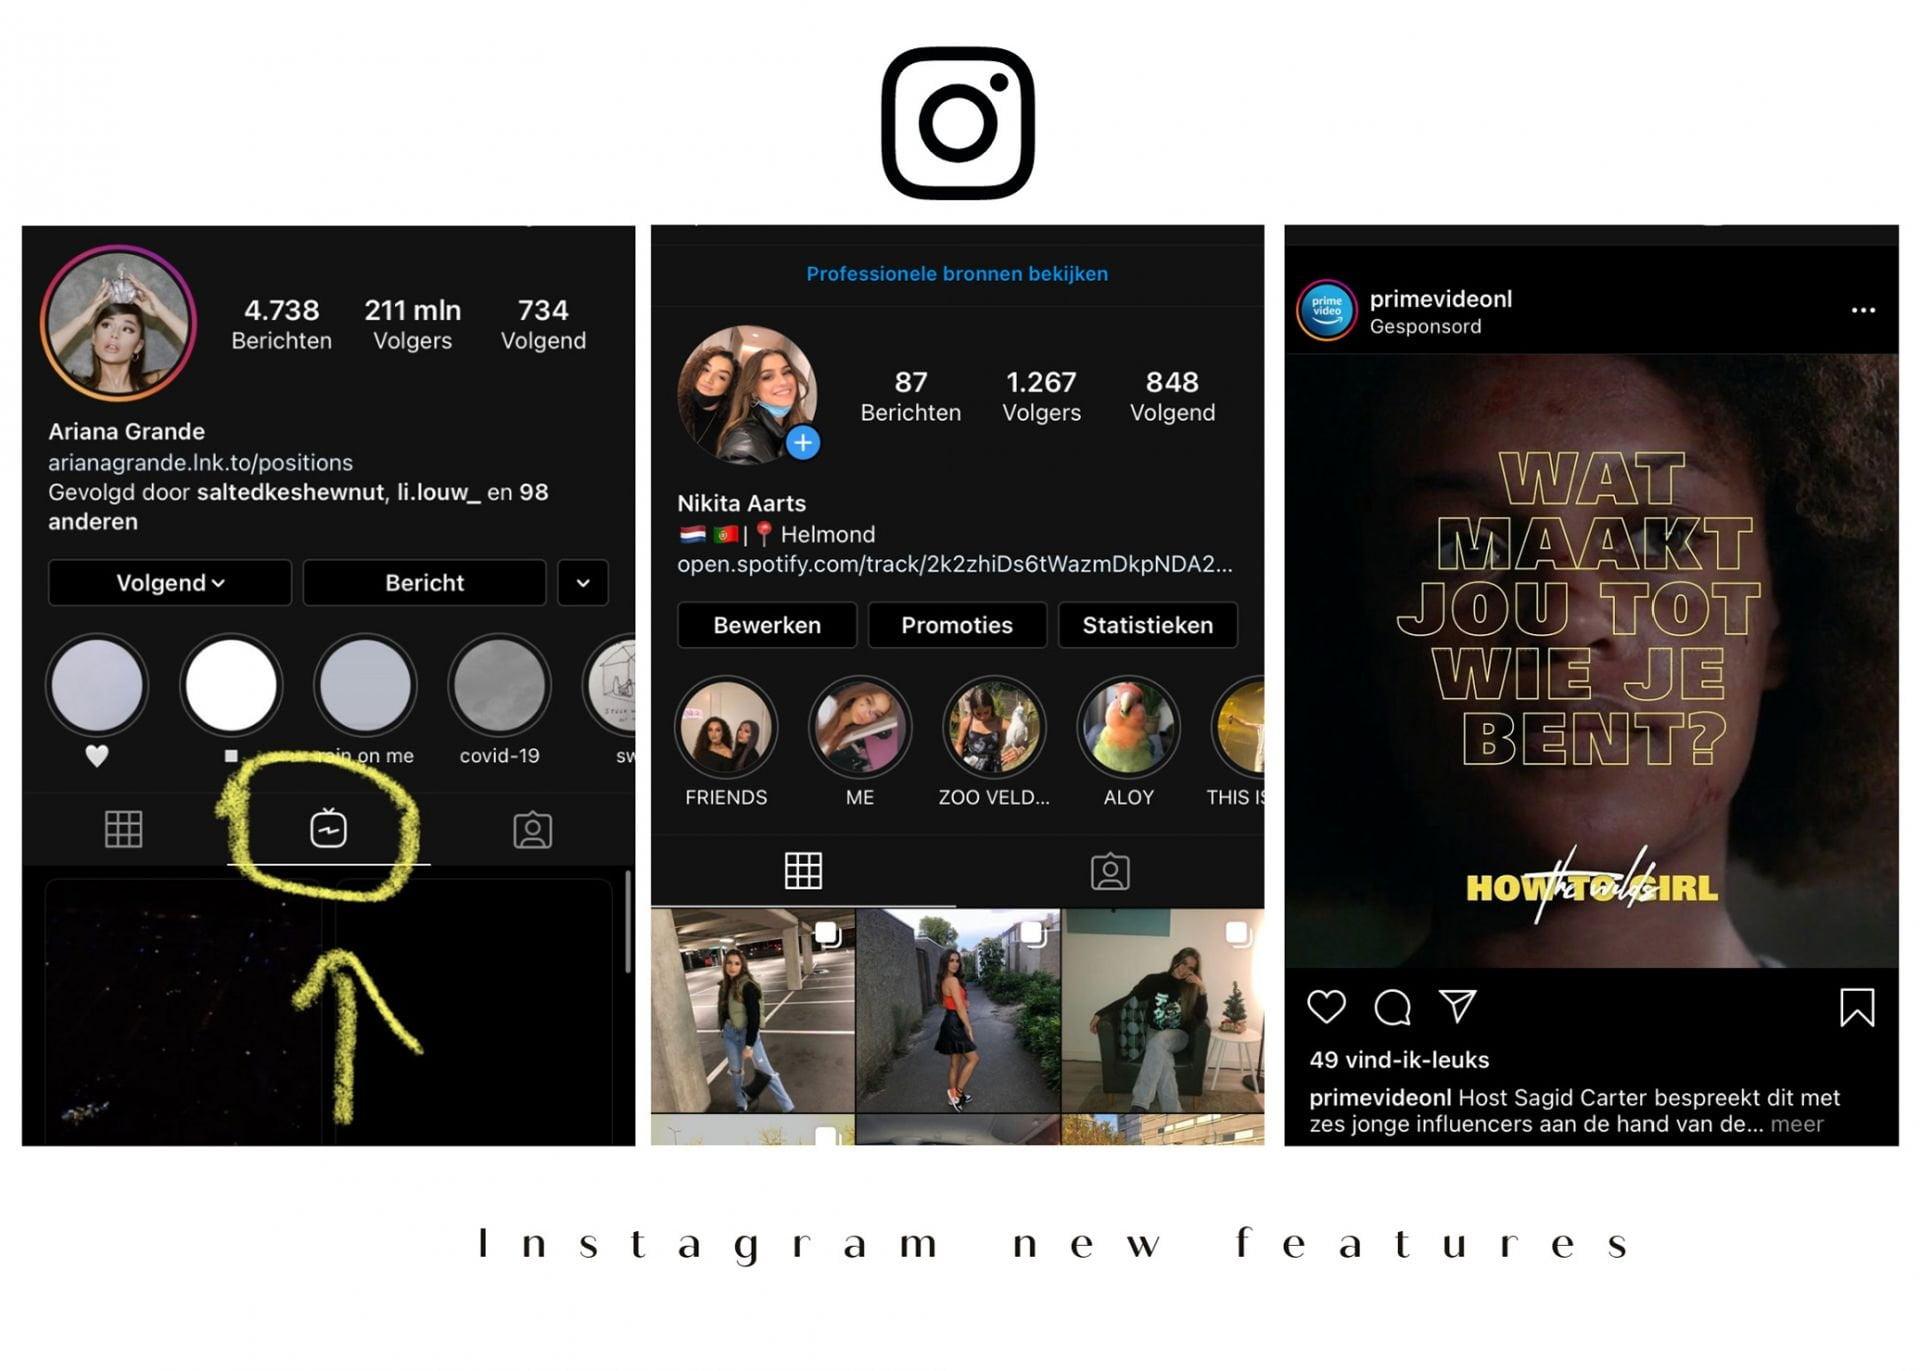 Instagram new features – Uitleg